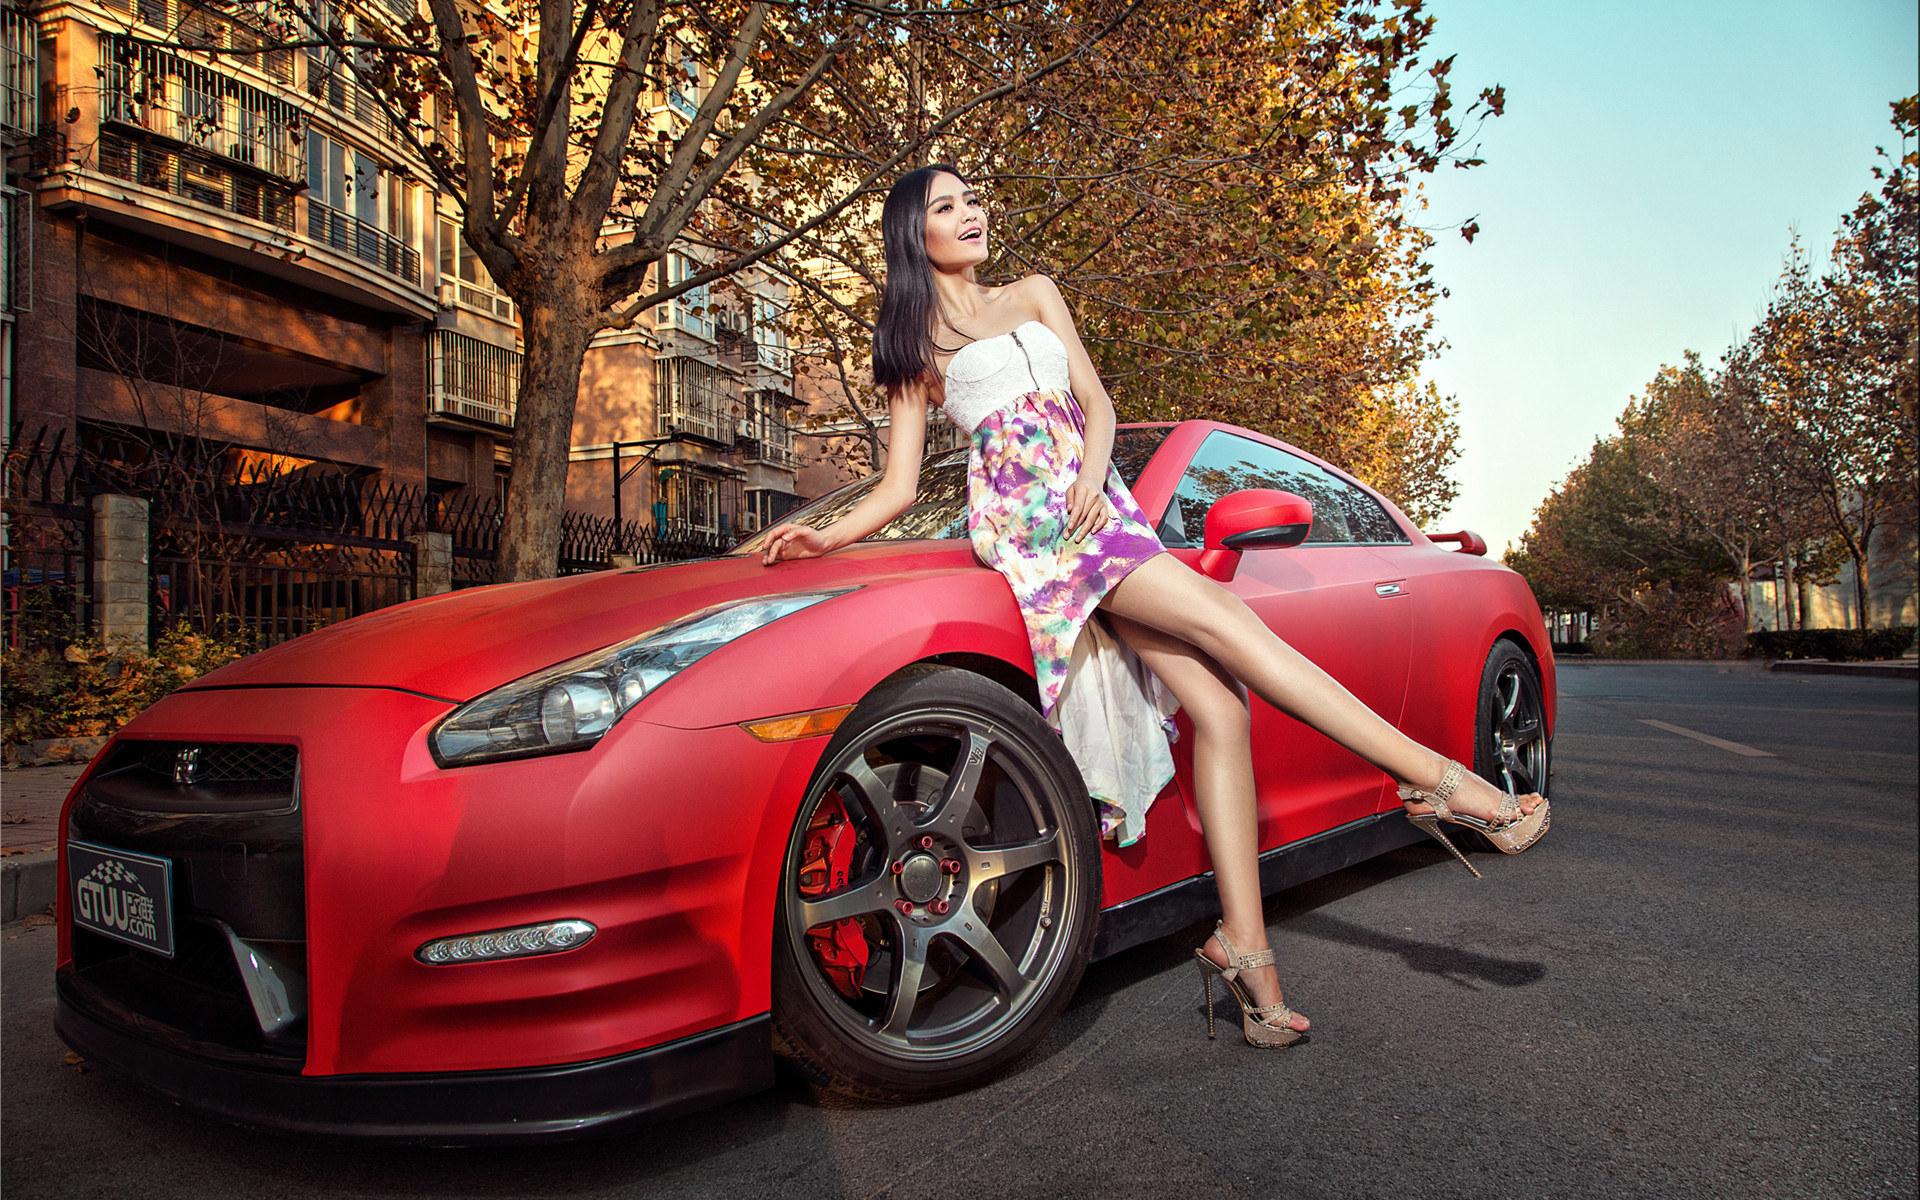 دختر آسیایی کنار ماشین نیسان قرمز